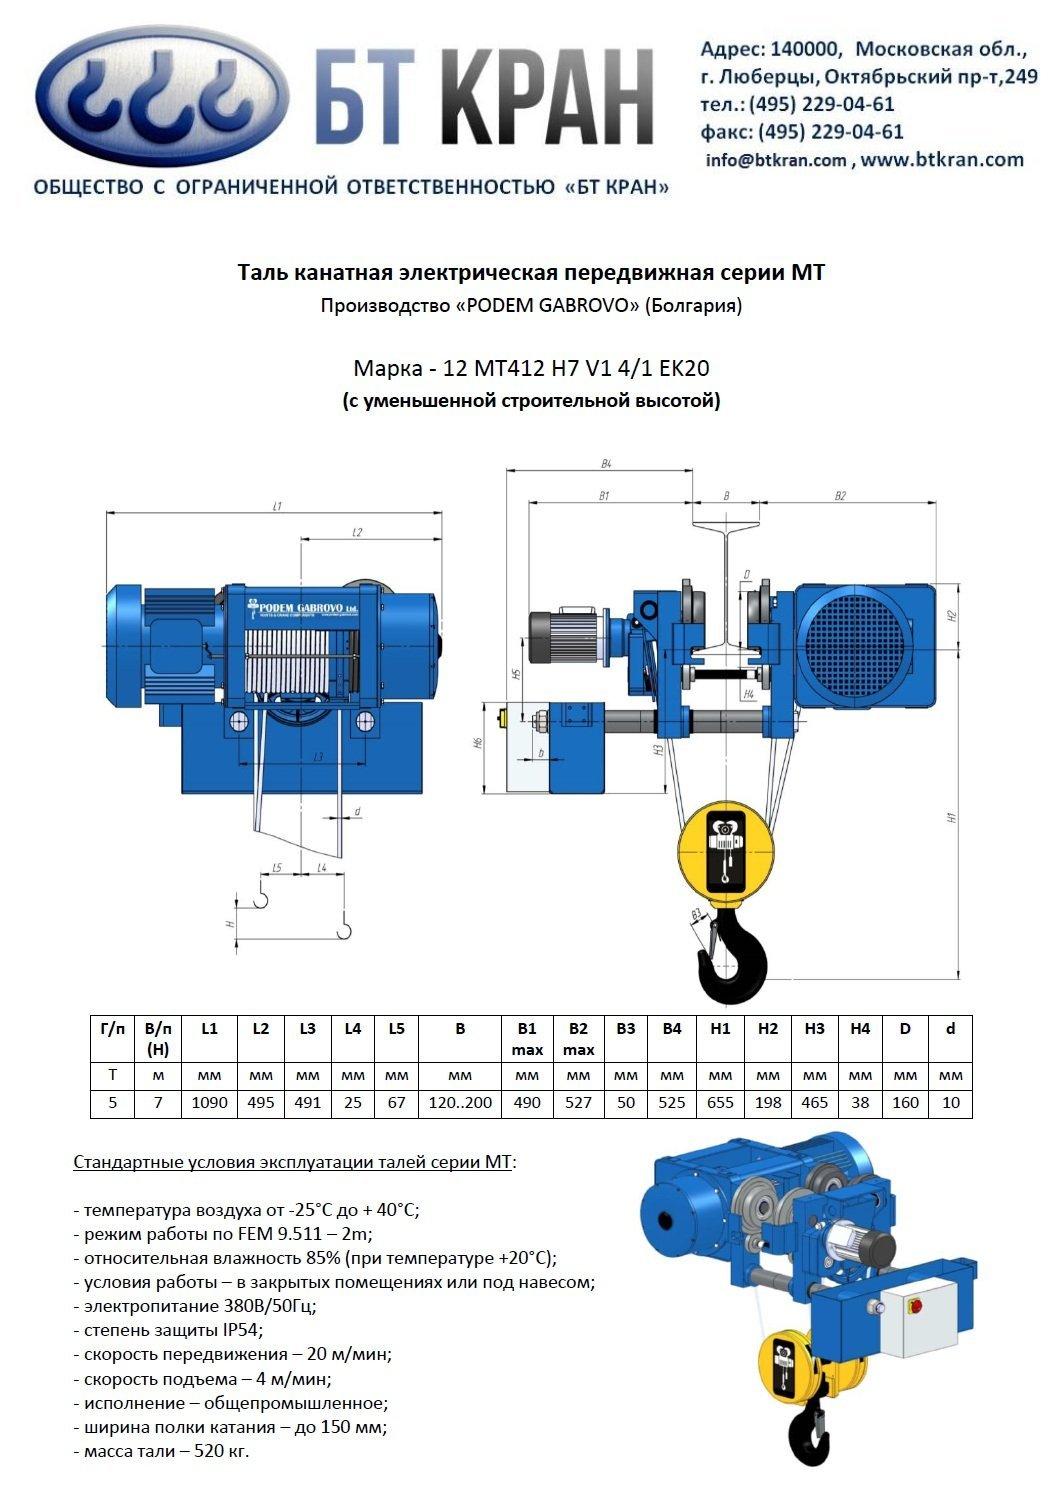 Таль МТ412 Н7 V1 4_1 EK20 серия ГАБРОВО (с уменьшенной строительной высотой)